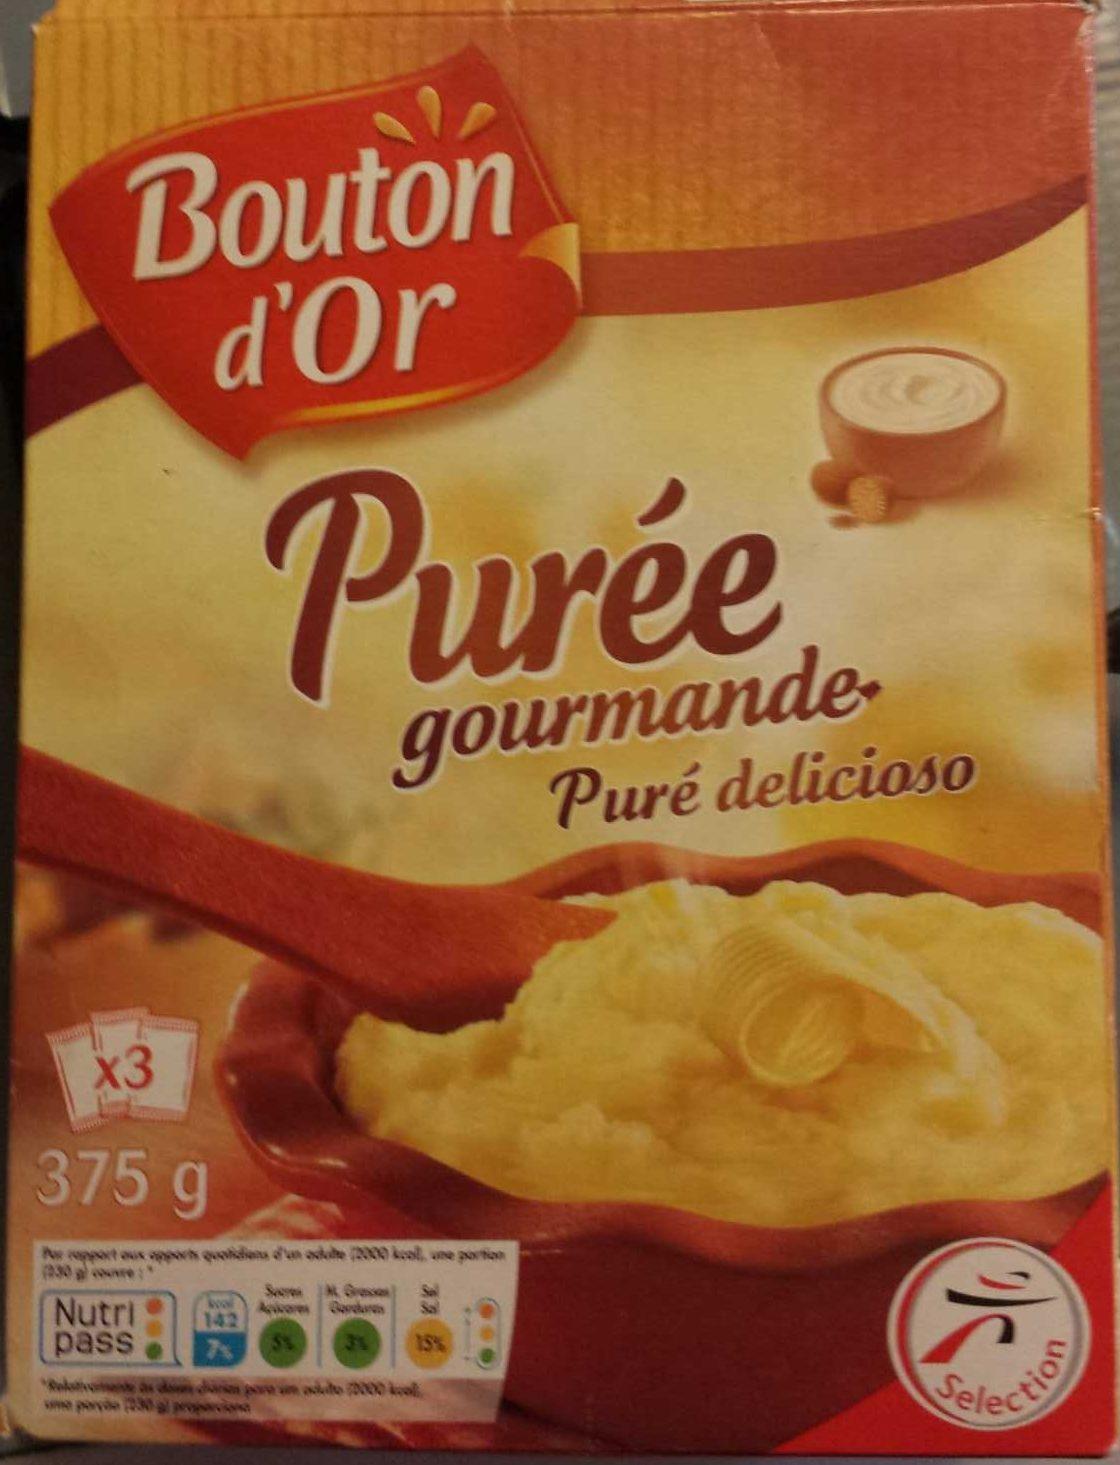 Purée gourmande - Product - fr